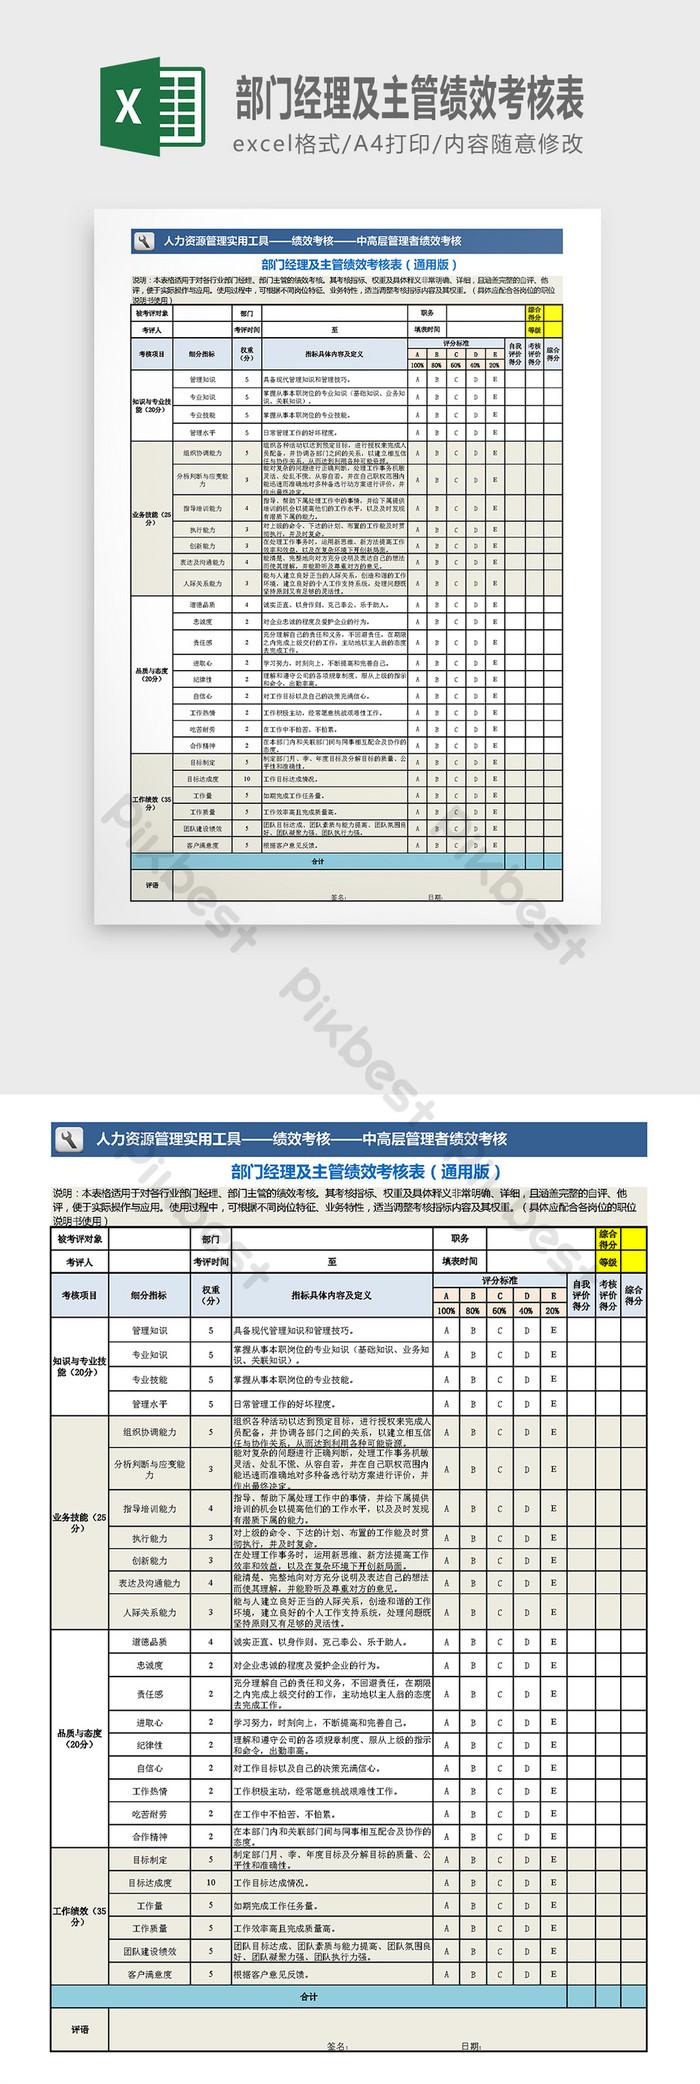 部門經理及主管績效藍色通用考核表| XLS Excel模板素材免費下載 - Pikbest